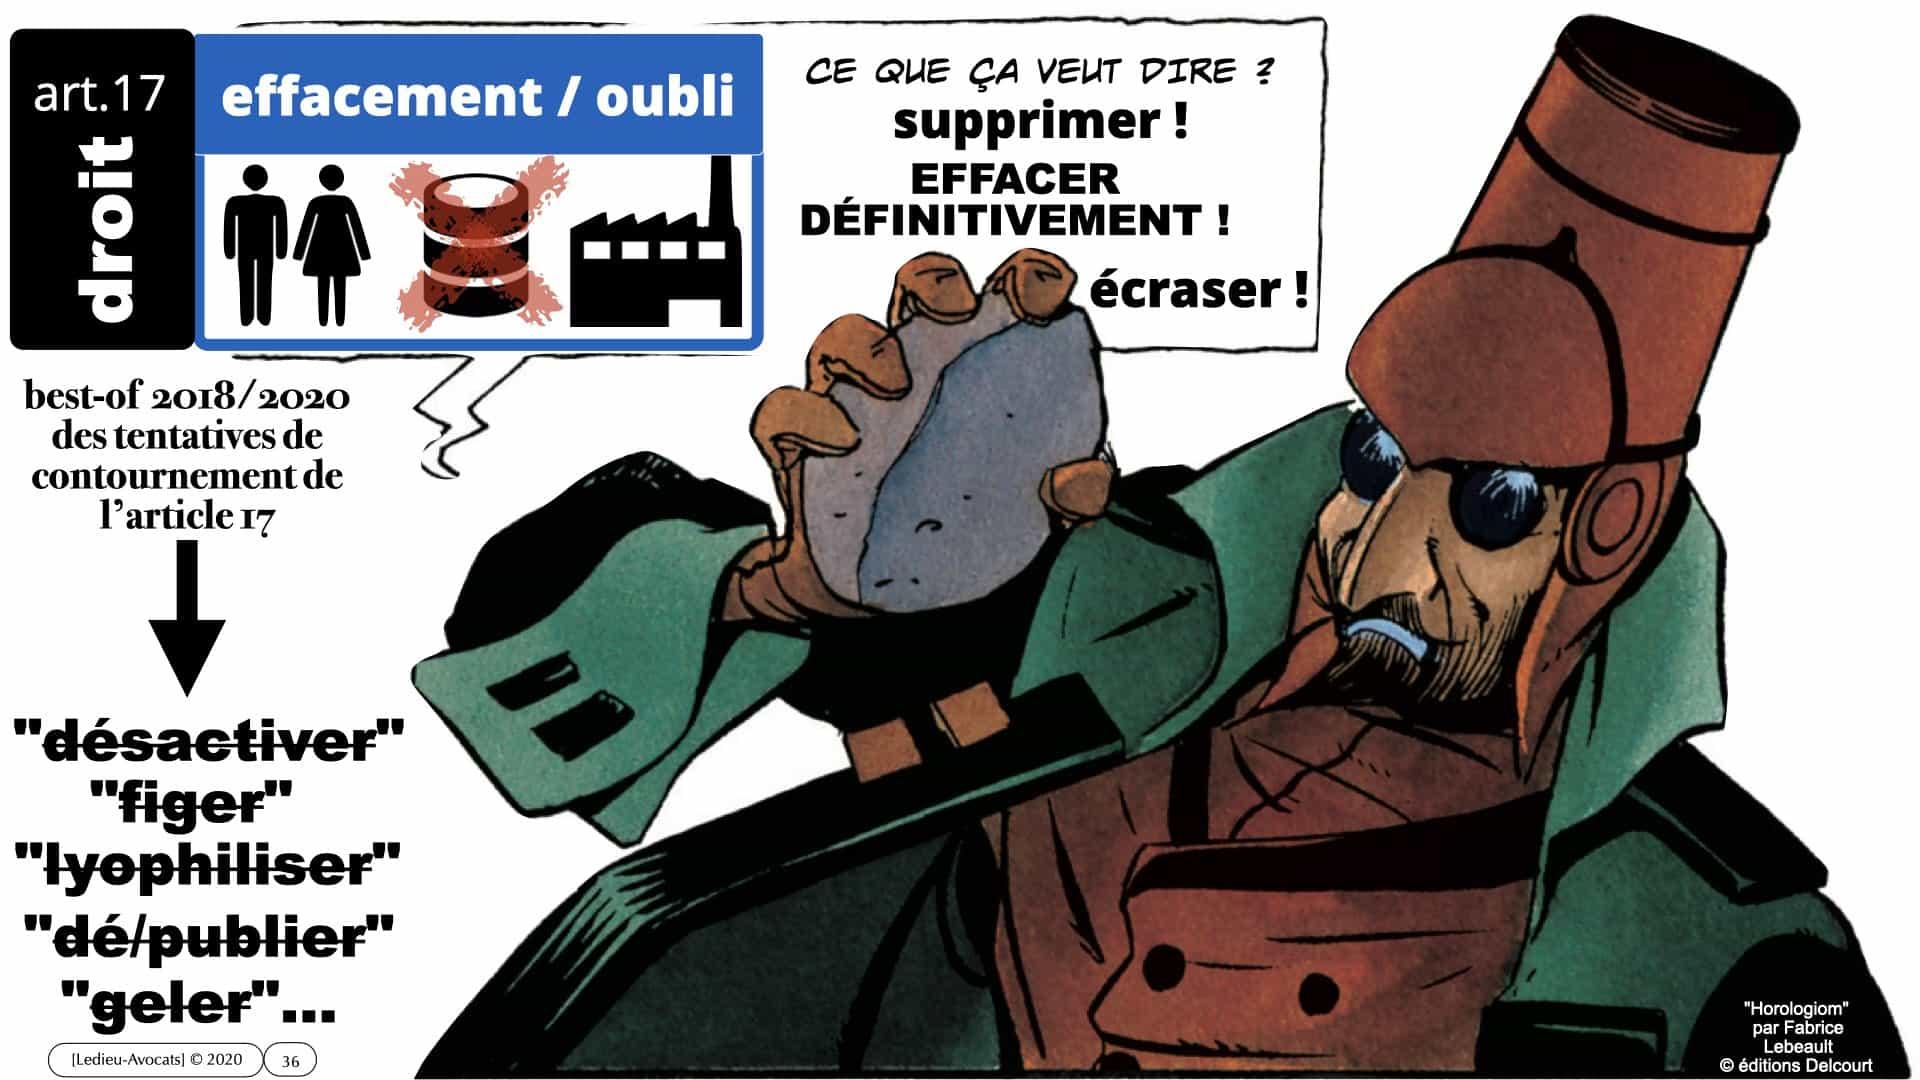 314 PRO BTP © Ledieu-avocat 03-12-2020.036